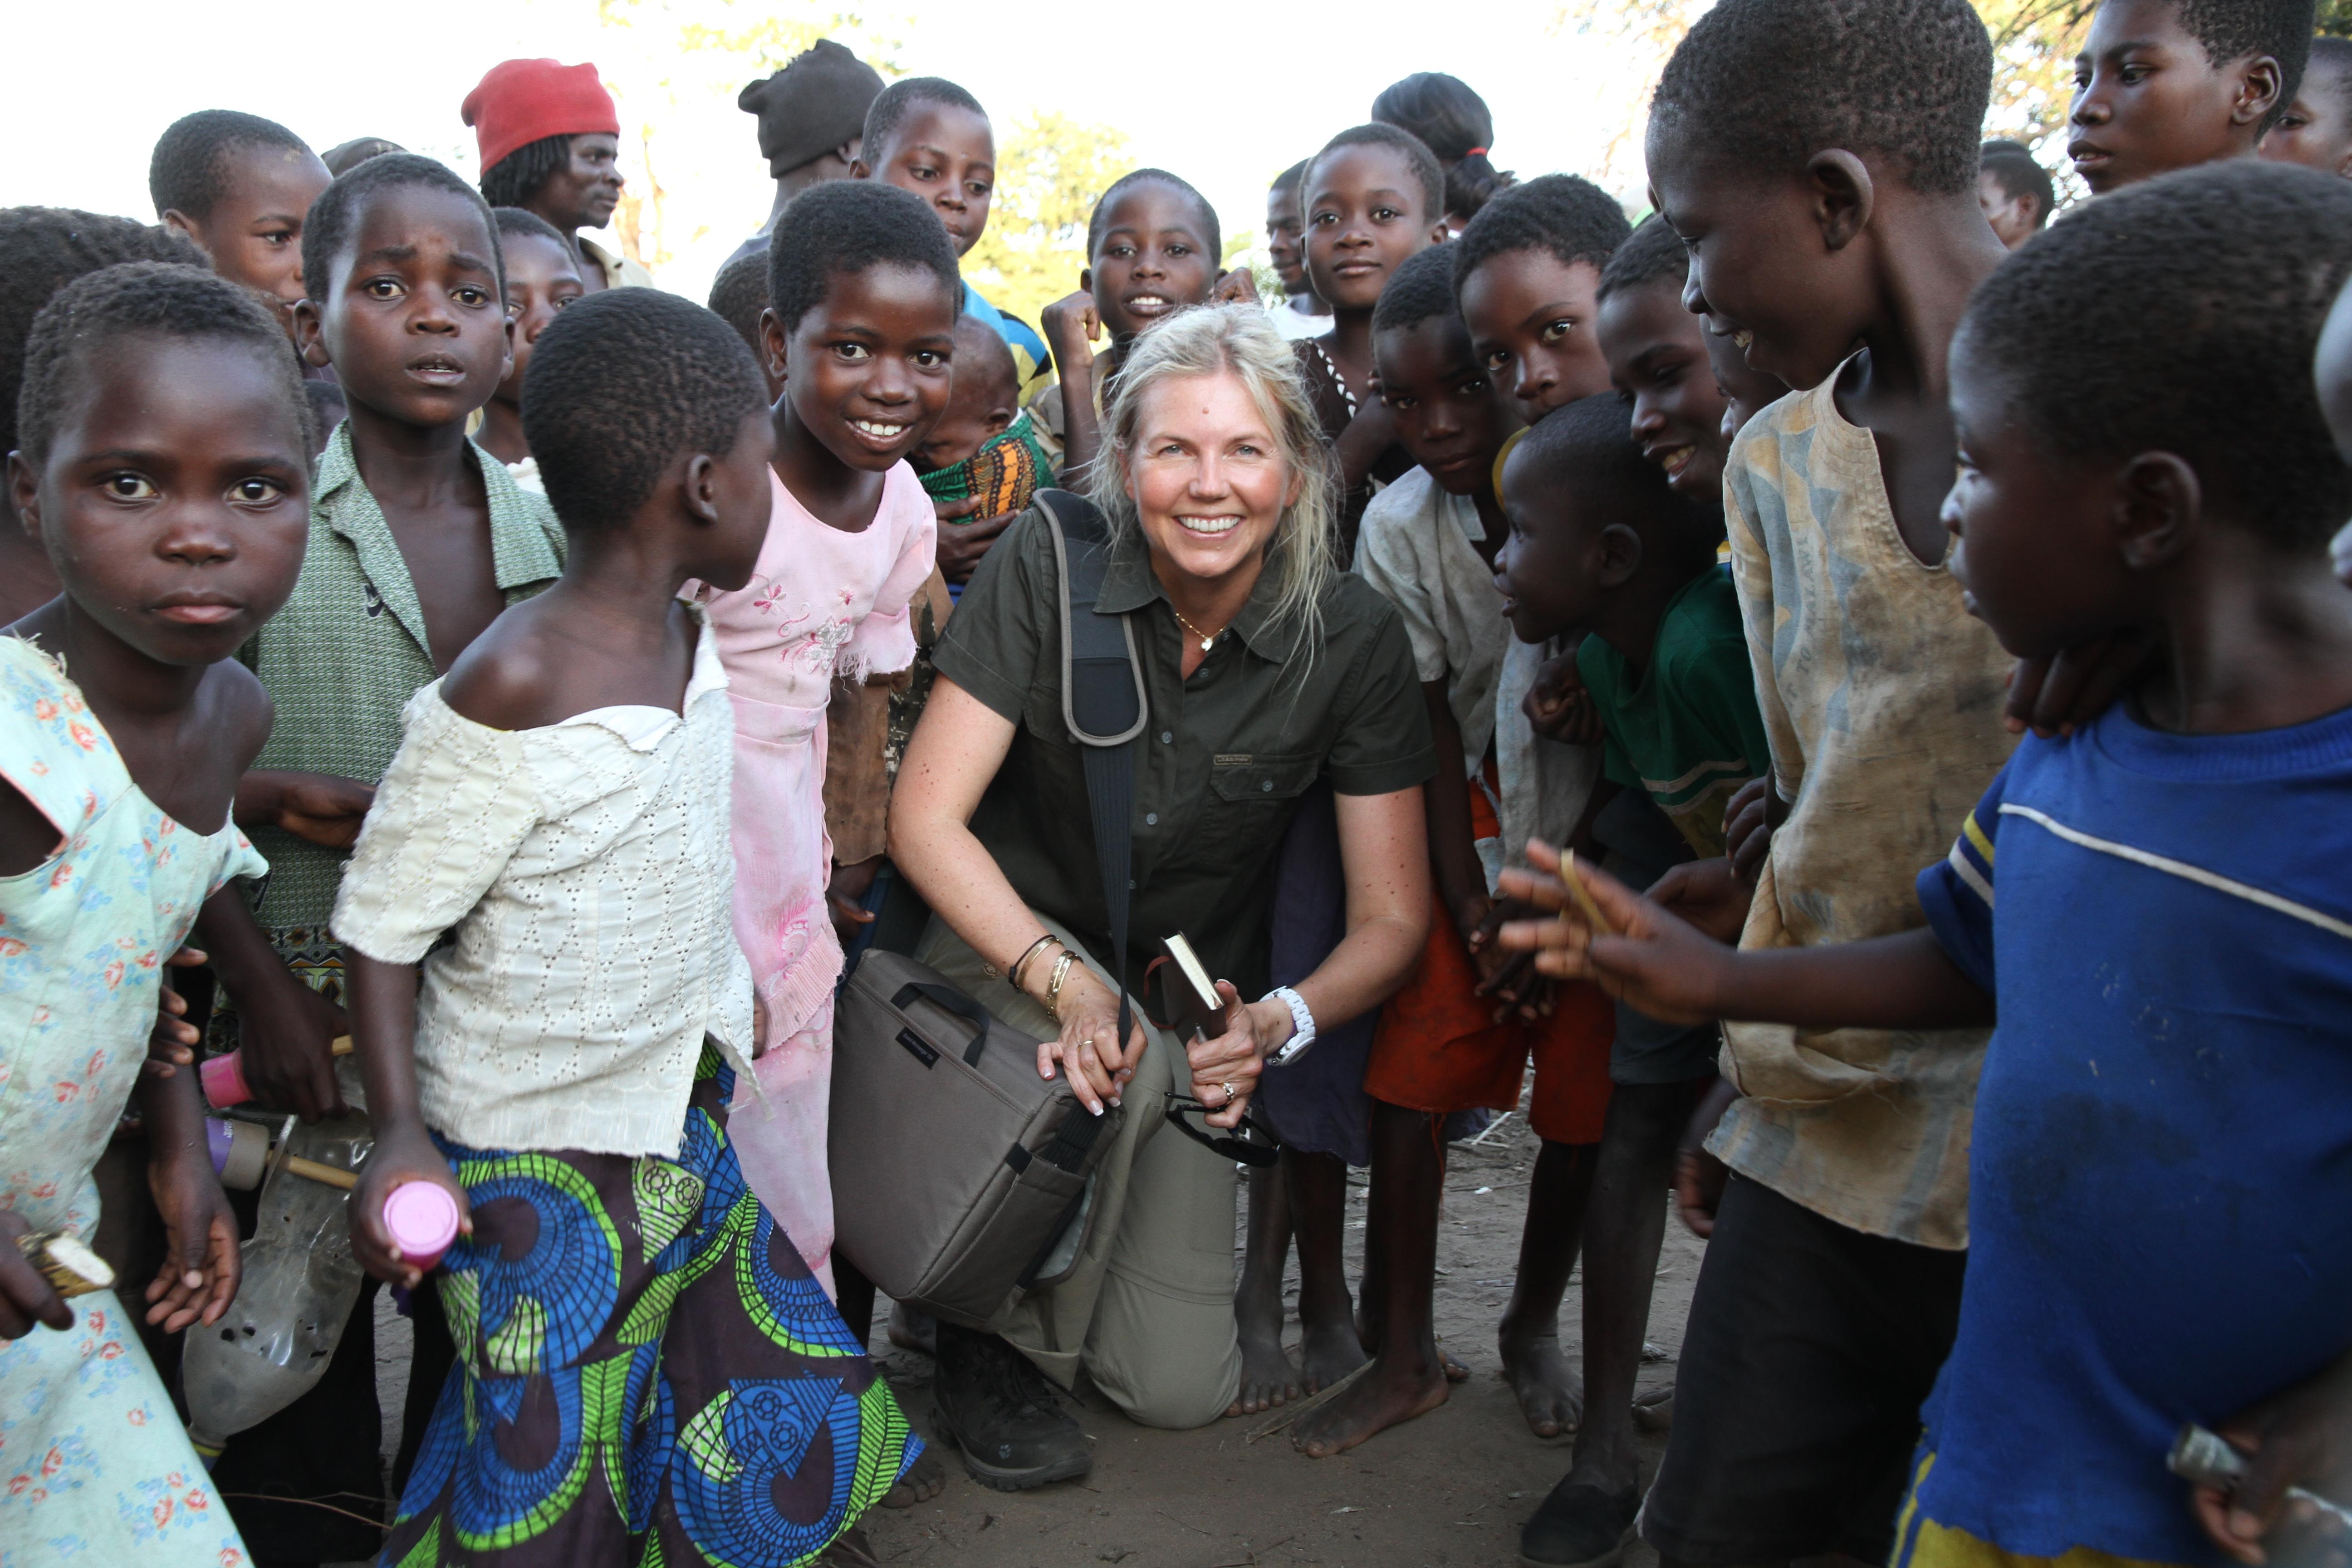 Malawi, Afrika, Safari, Ostafrika, Reisefeder, Reisen, Urlaub, Reisefeder-blog, blog